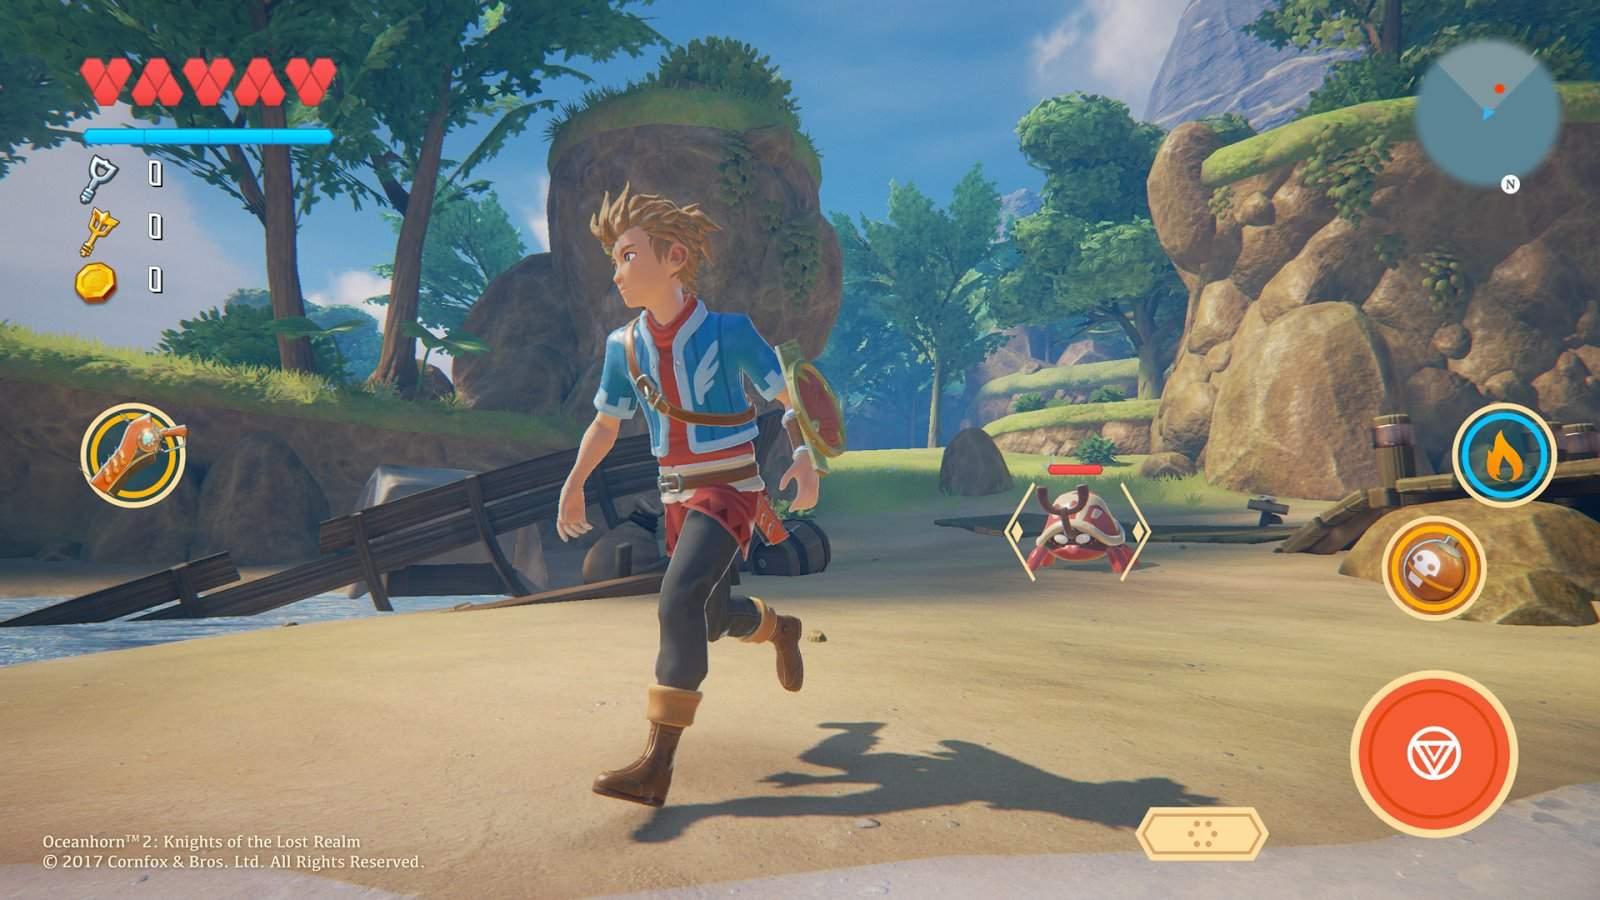 Oceanhorn-2-Mobile-screenshot-Outcast-Island-B Oceanhorn 2: novas imagens mostram jogo com Unreal Engine 4